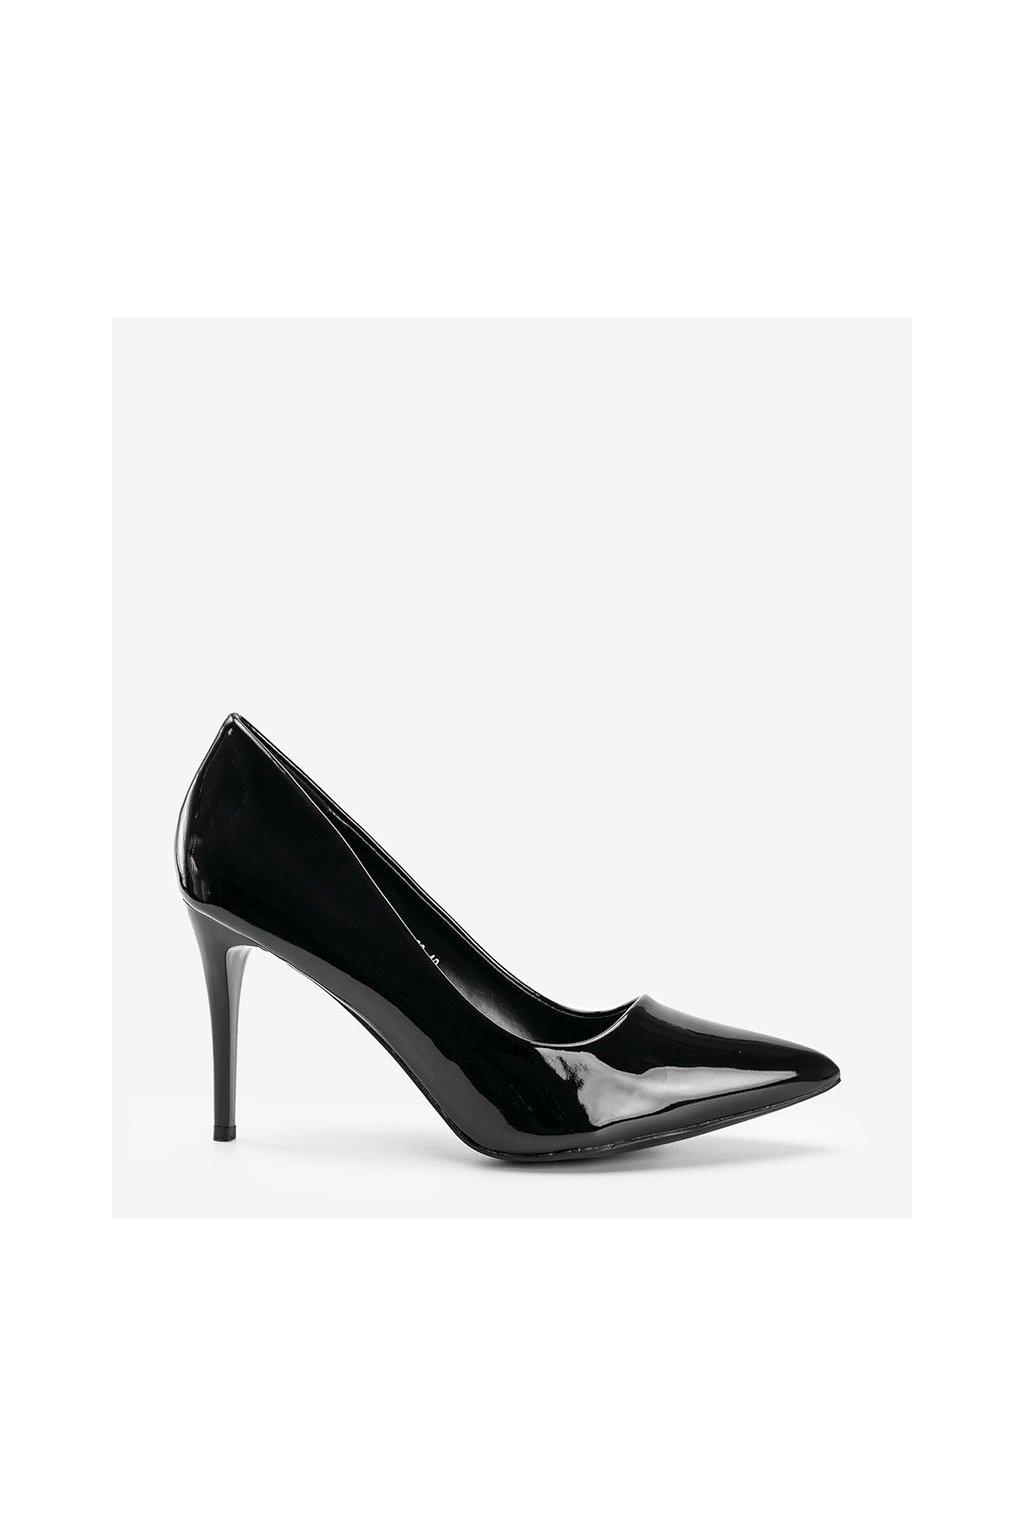 Dámske topánky lodičky čierne kód 3963 - GM